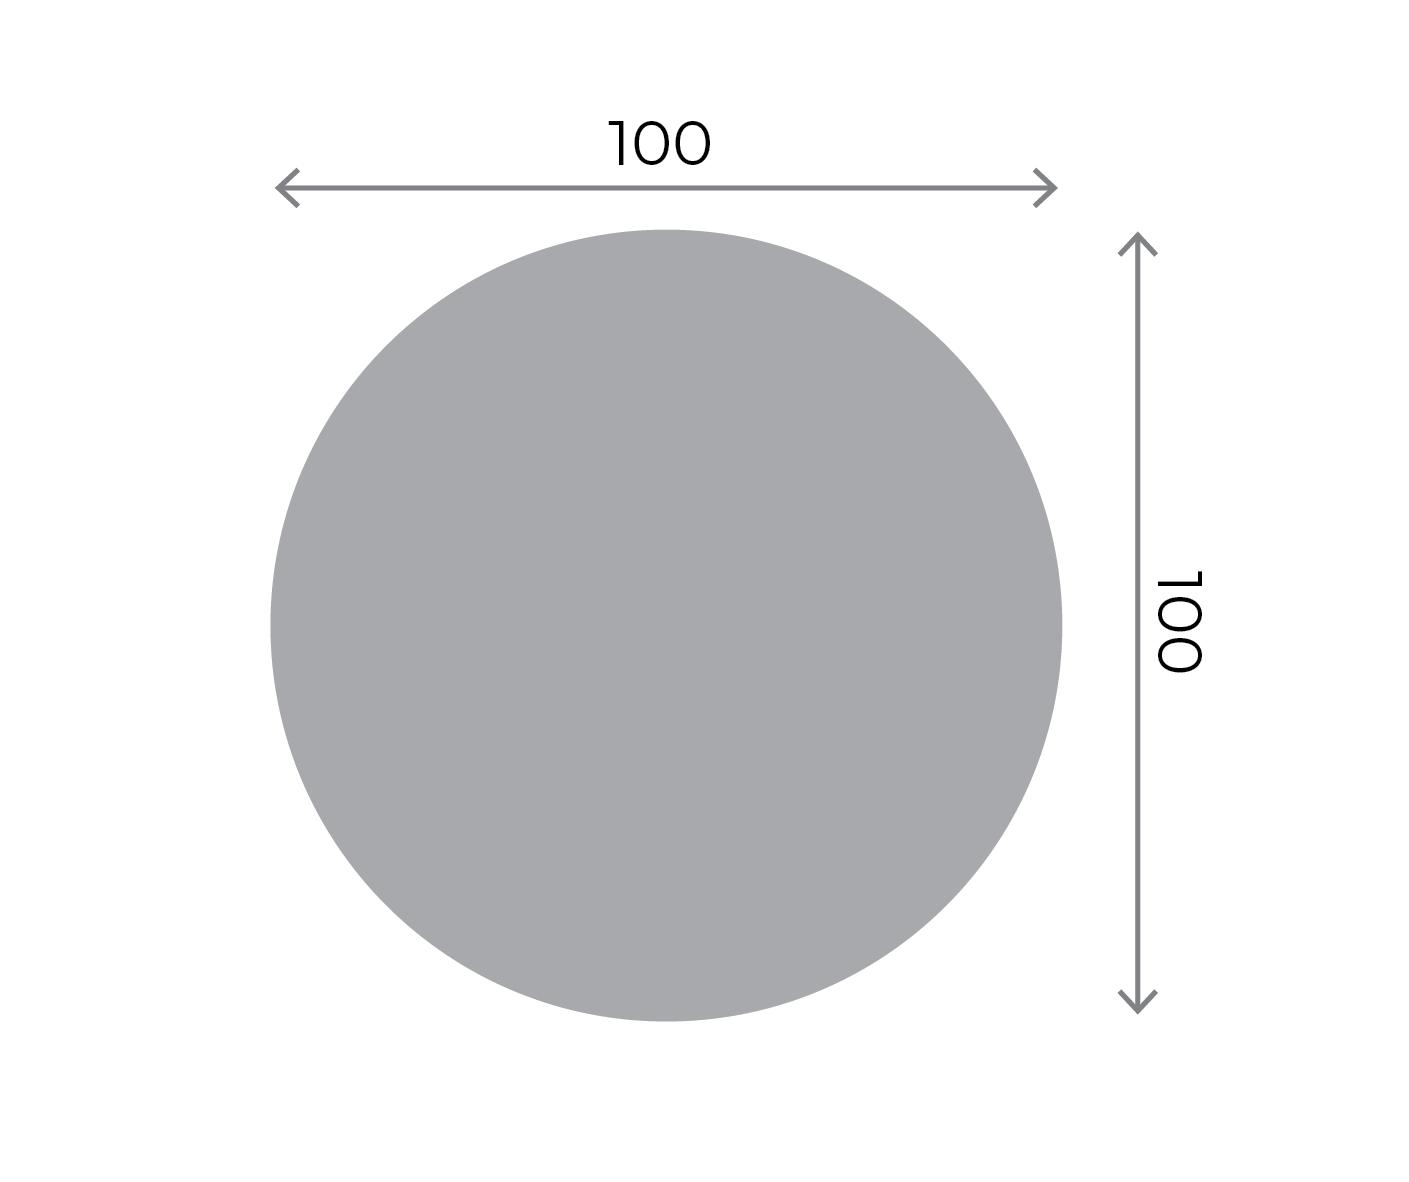 Round Stickers - 100x100mm Round 100x100mm 01 Image